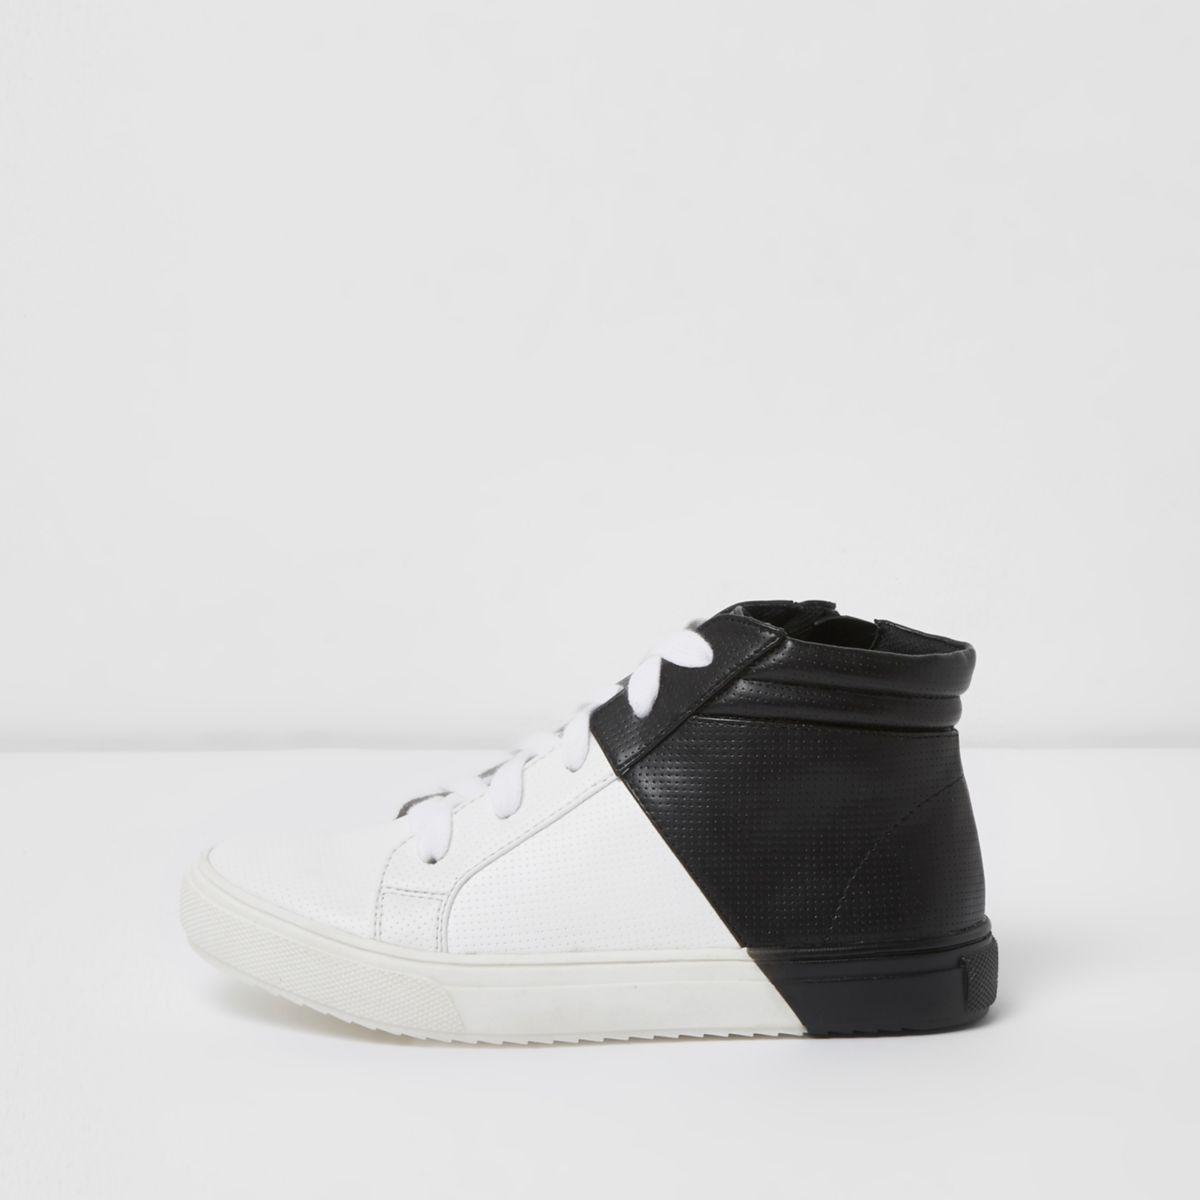 Baskets montantes noires et blanches pour garçon